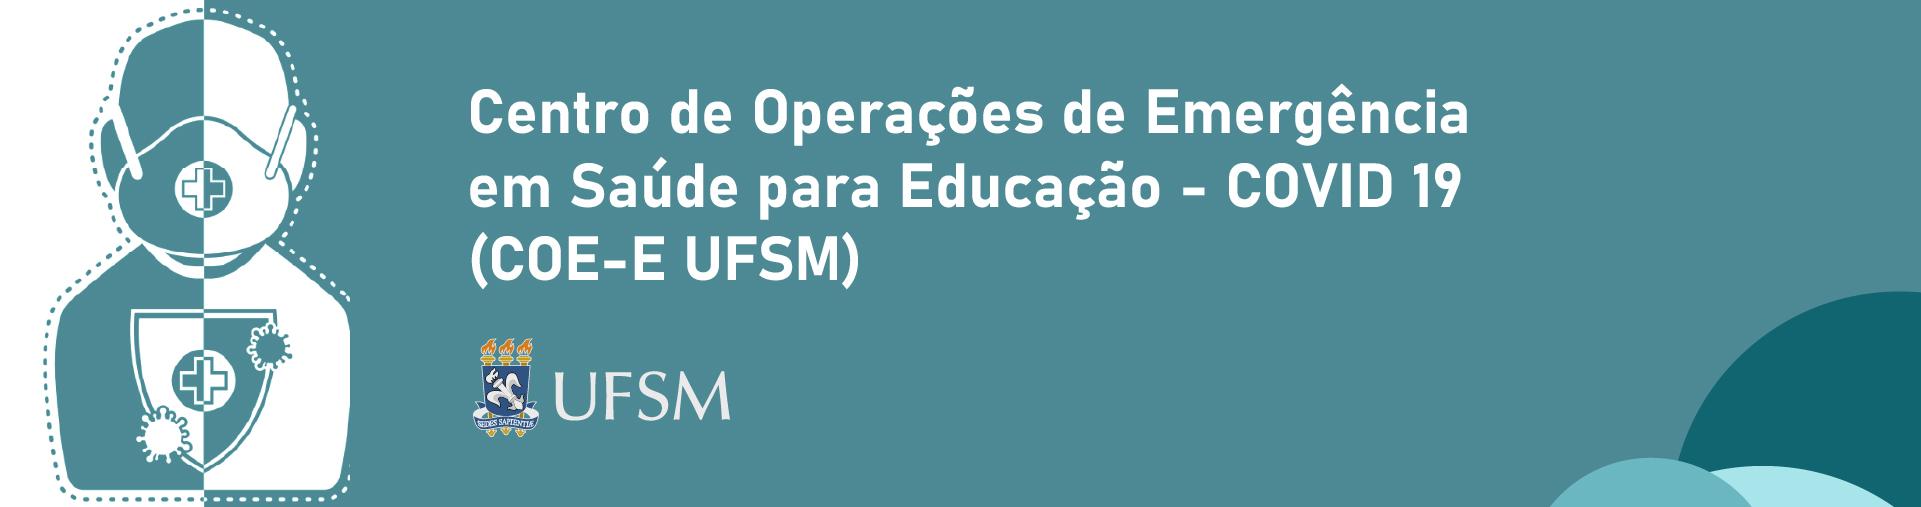 Centro de Operações de Emergência em Saúde para Educação – COVID 19 – UFSM